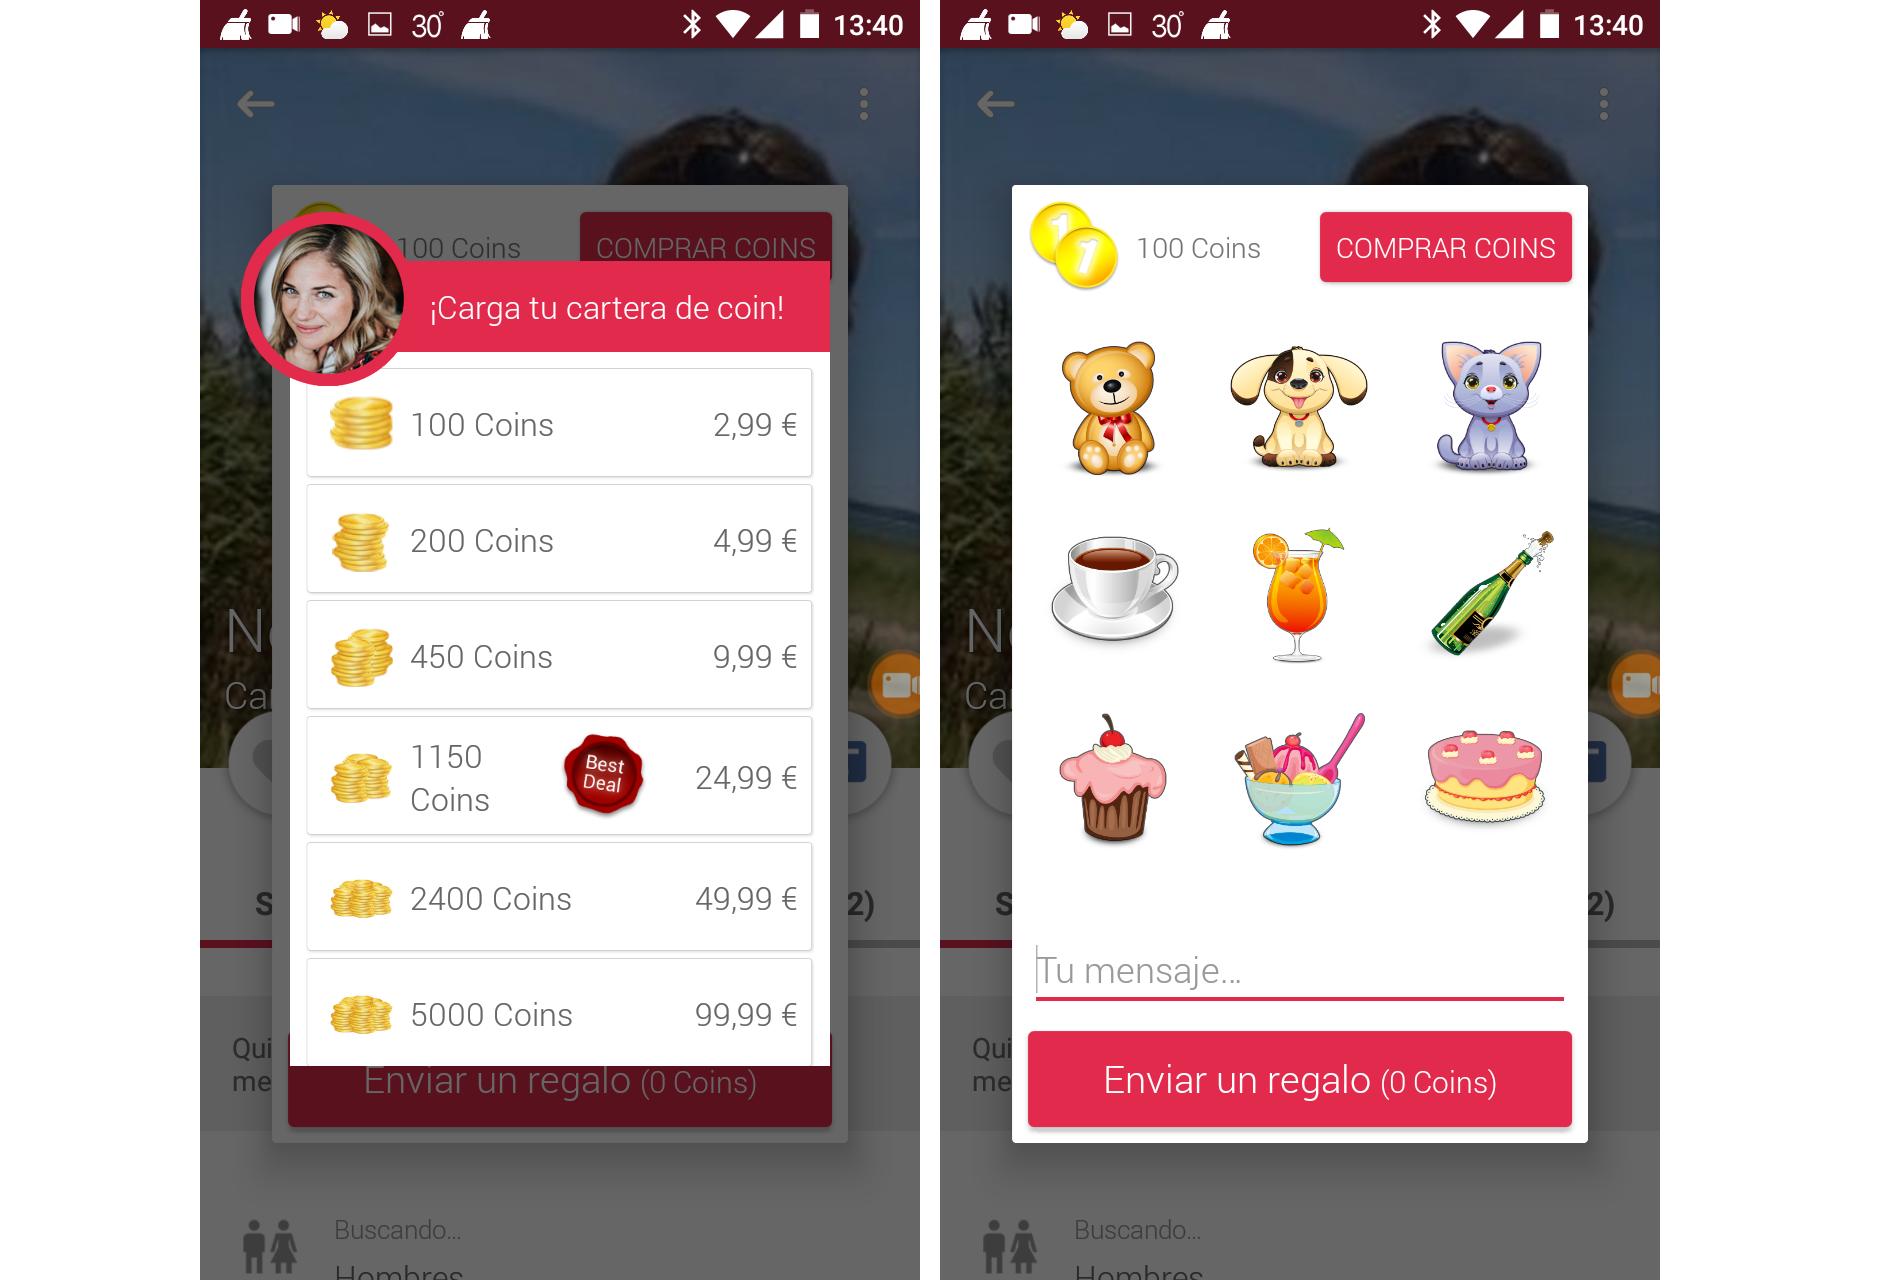 iDates - Opiniones 2021 de la versión gratis, precios y